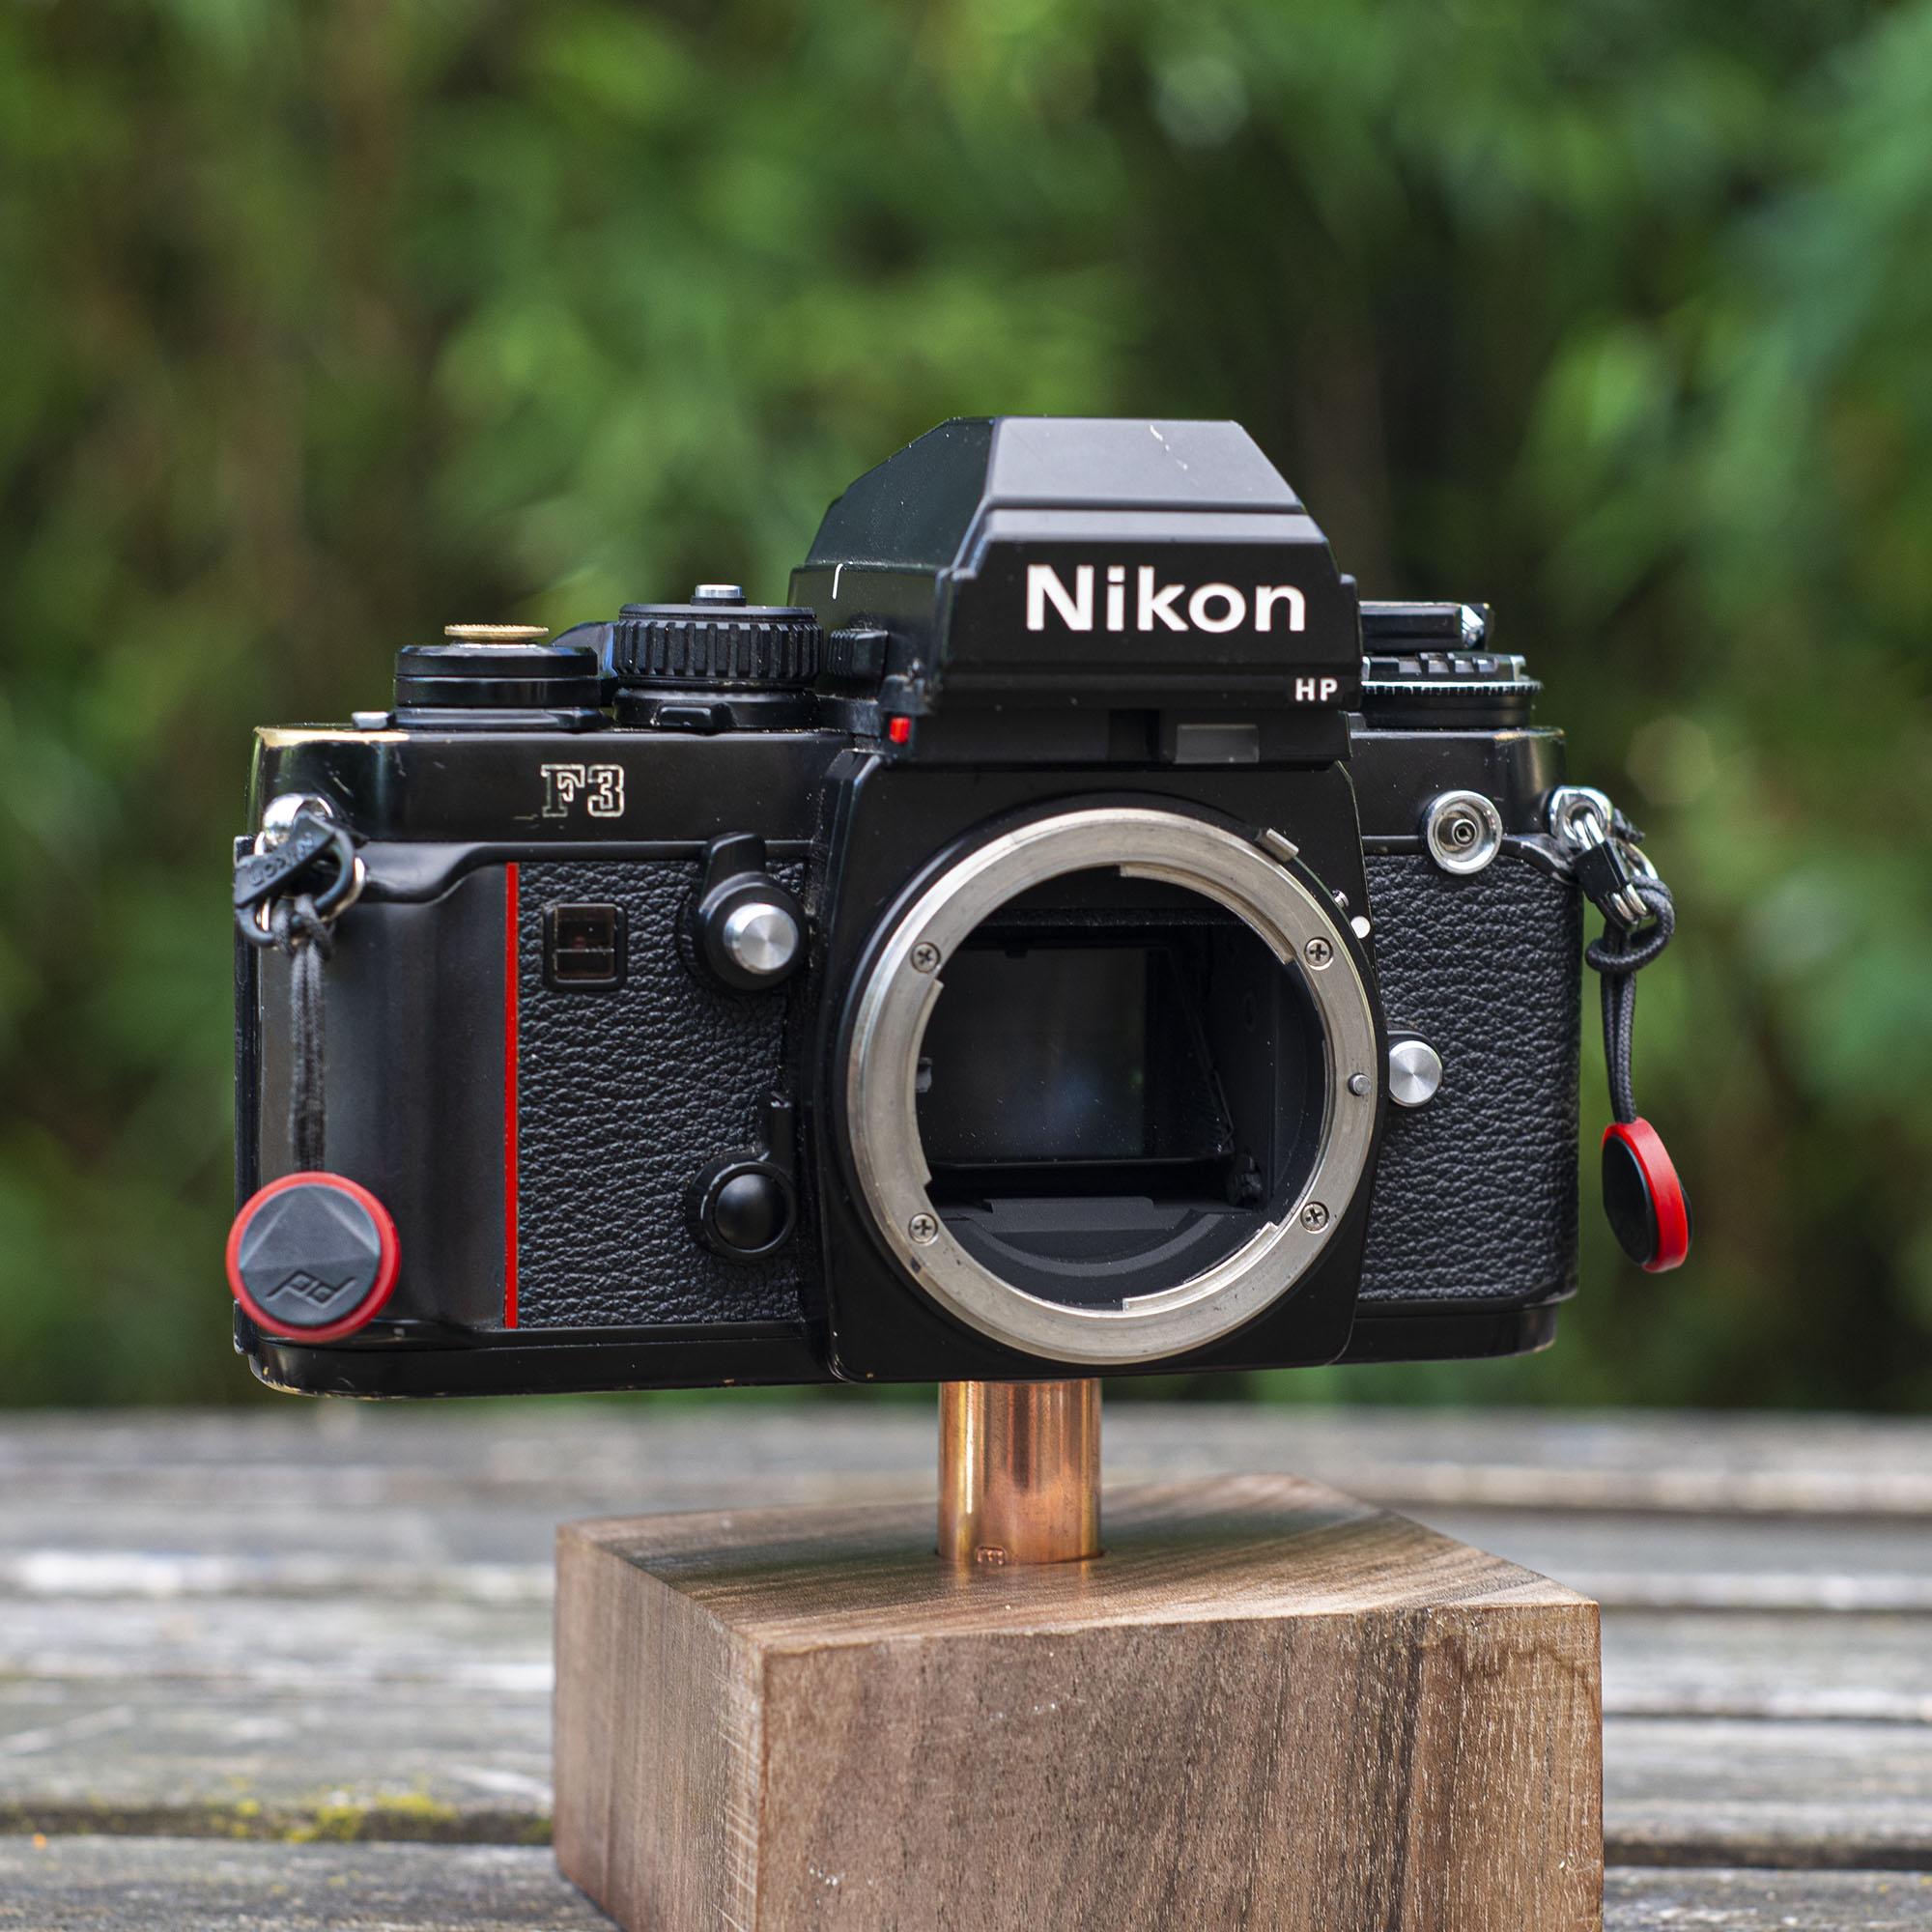 Nikon F3 with no lens